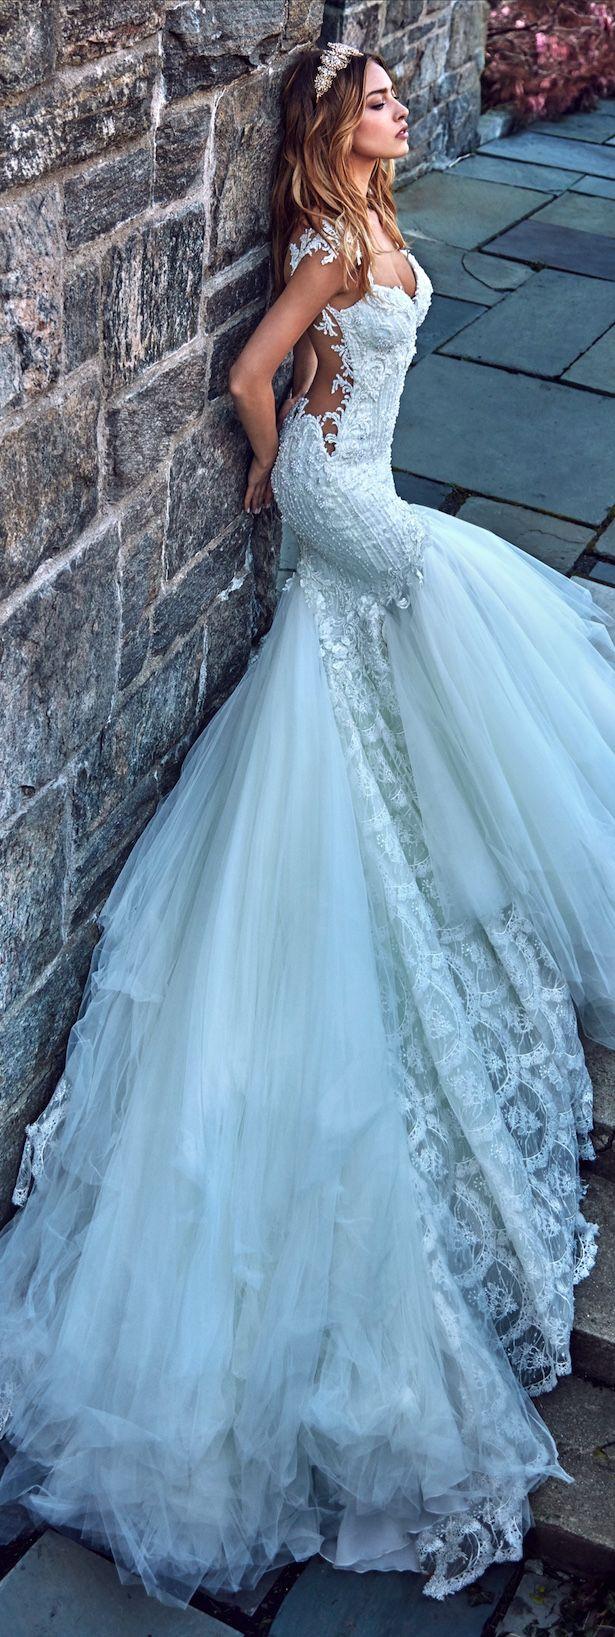 50 best Gelinlikler images on Pinterest | Wedding bridesmaid dresses ...